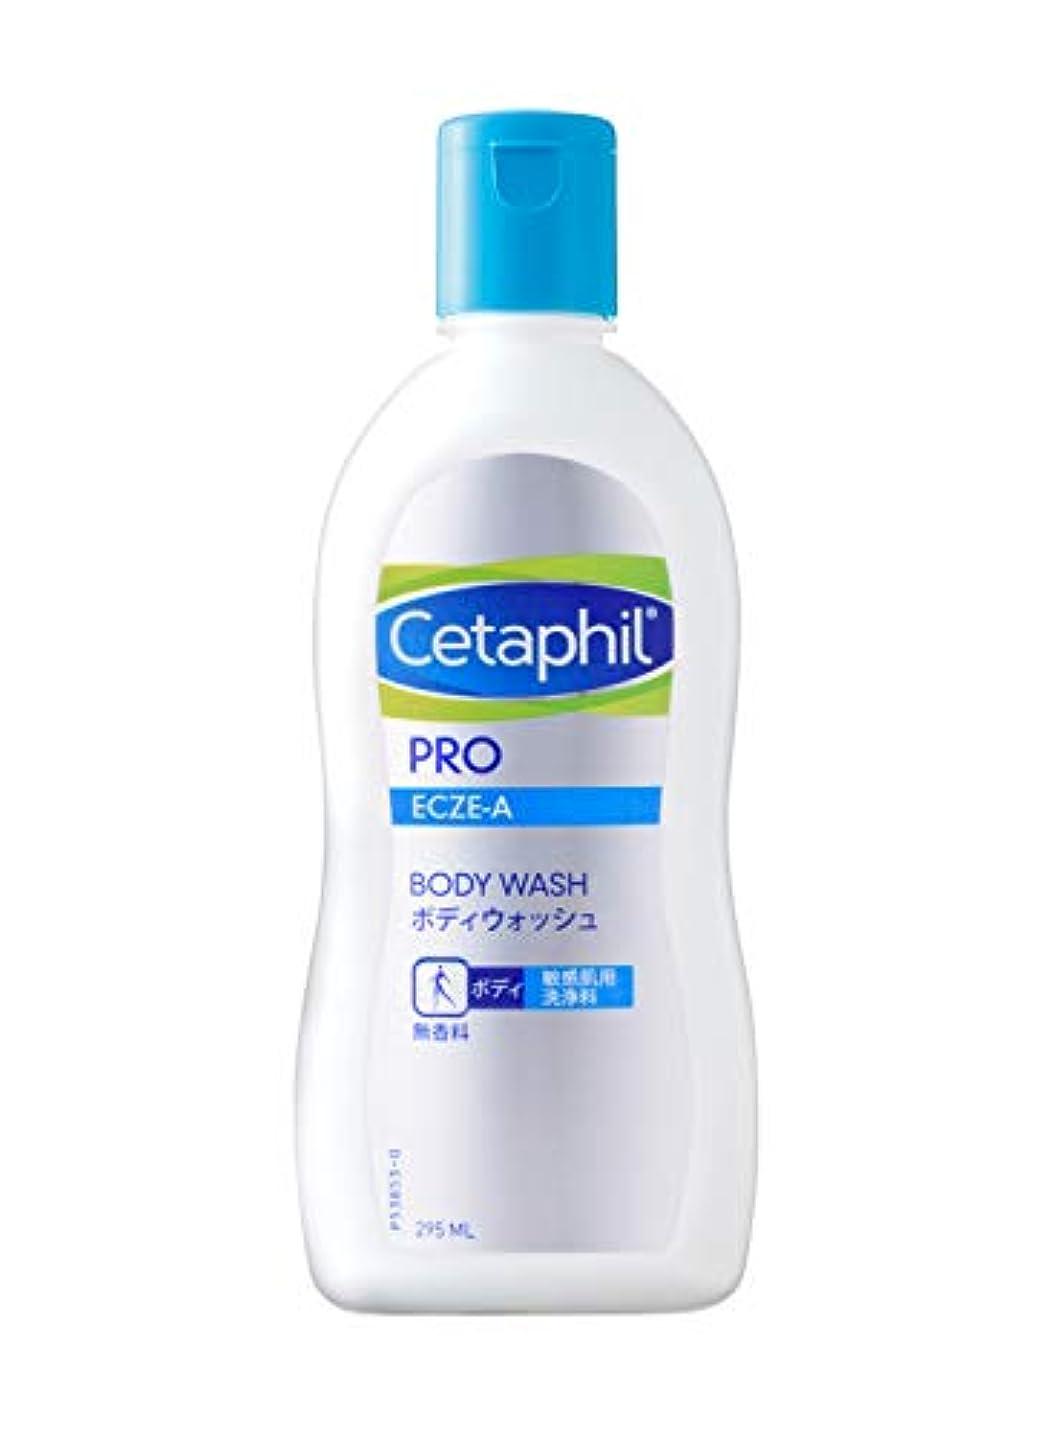 リス引き金不定セタフィル Cetaphil ® PRO ボディウォッシュ 295ml (敏感肌用洗浄料 ボディソープ 乾燥肌 敏感肌 低刺激性 洗浄料)